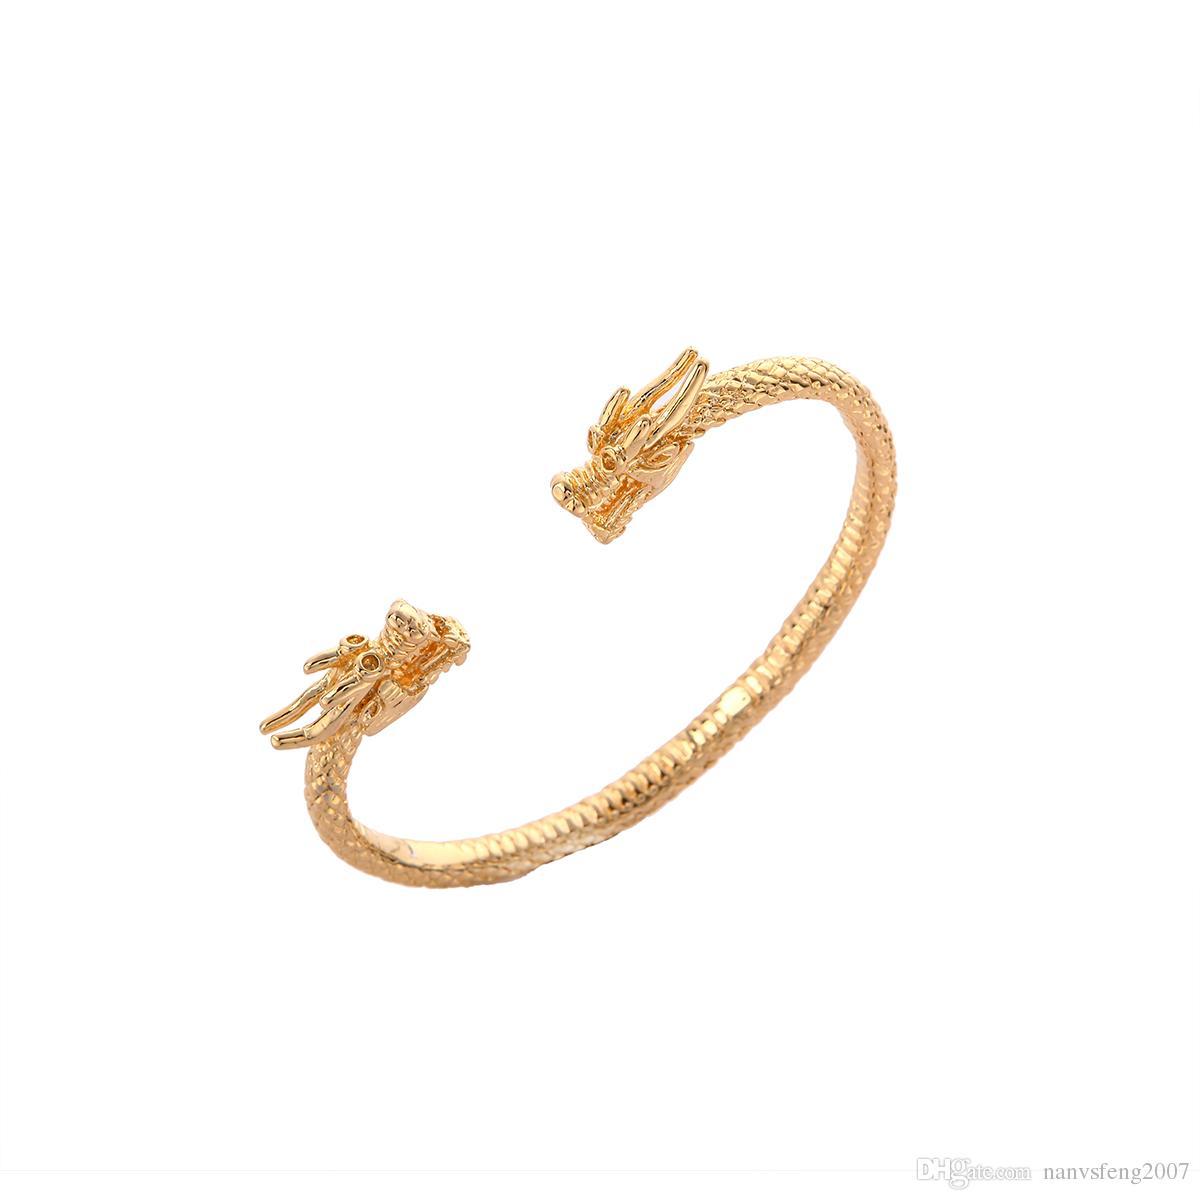 Дракон браслет Браслет для мужчин женщин 24K золотой браслет талисман ювелирные изделия животных браслет Гайана Южная Америка браслет